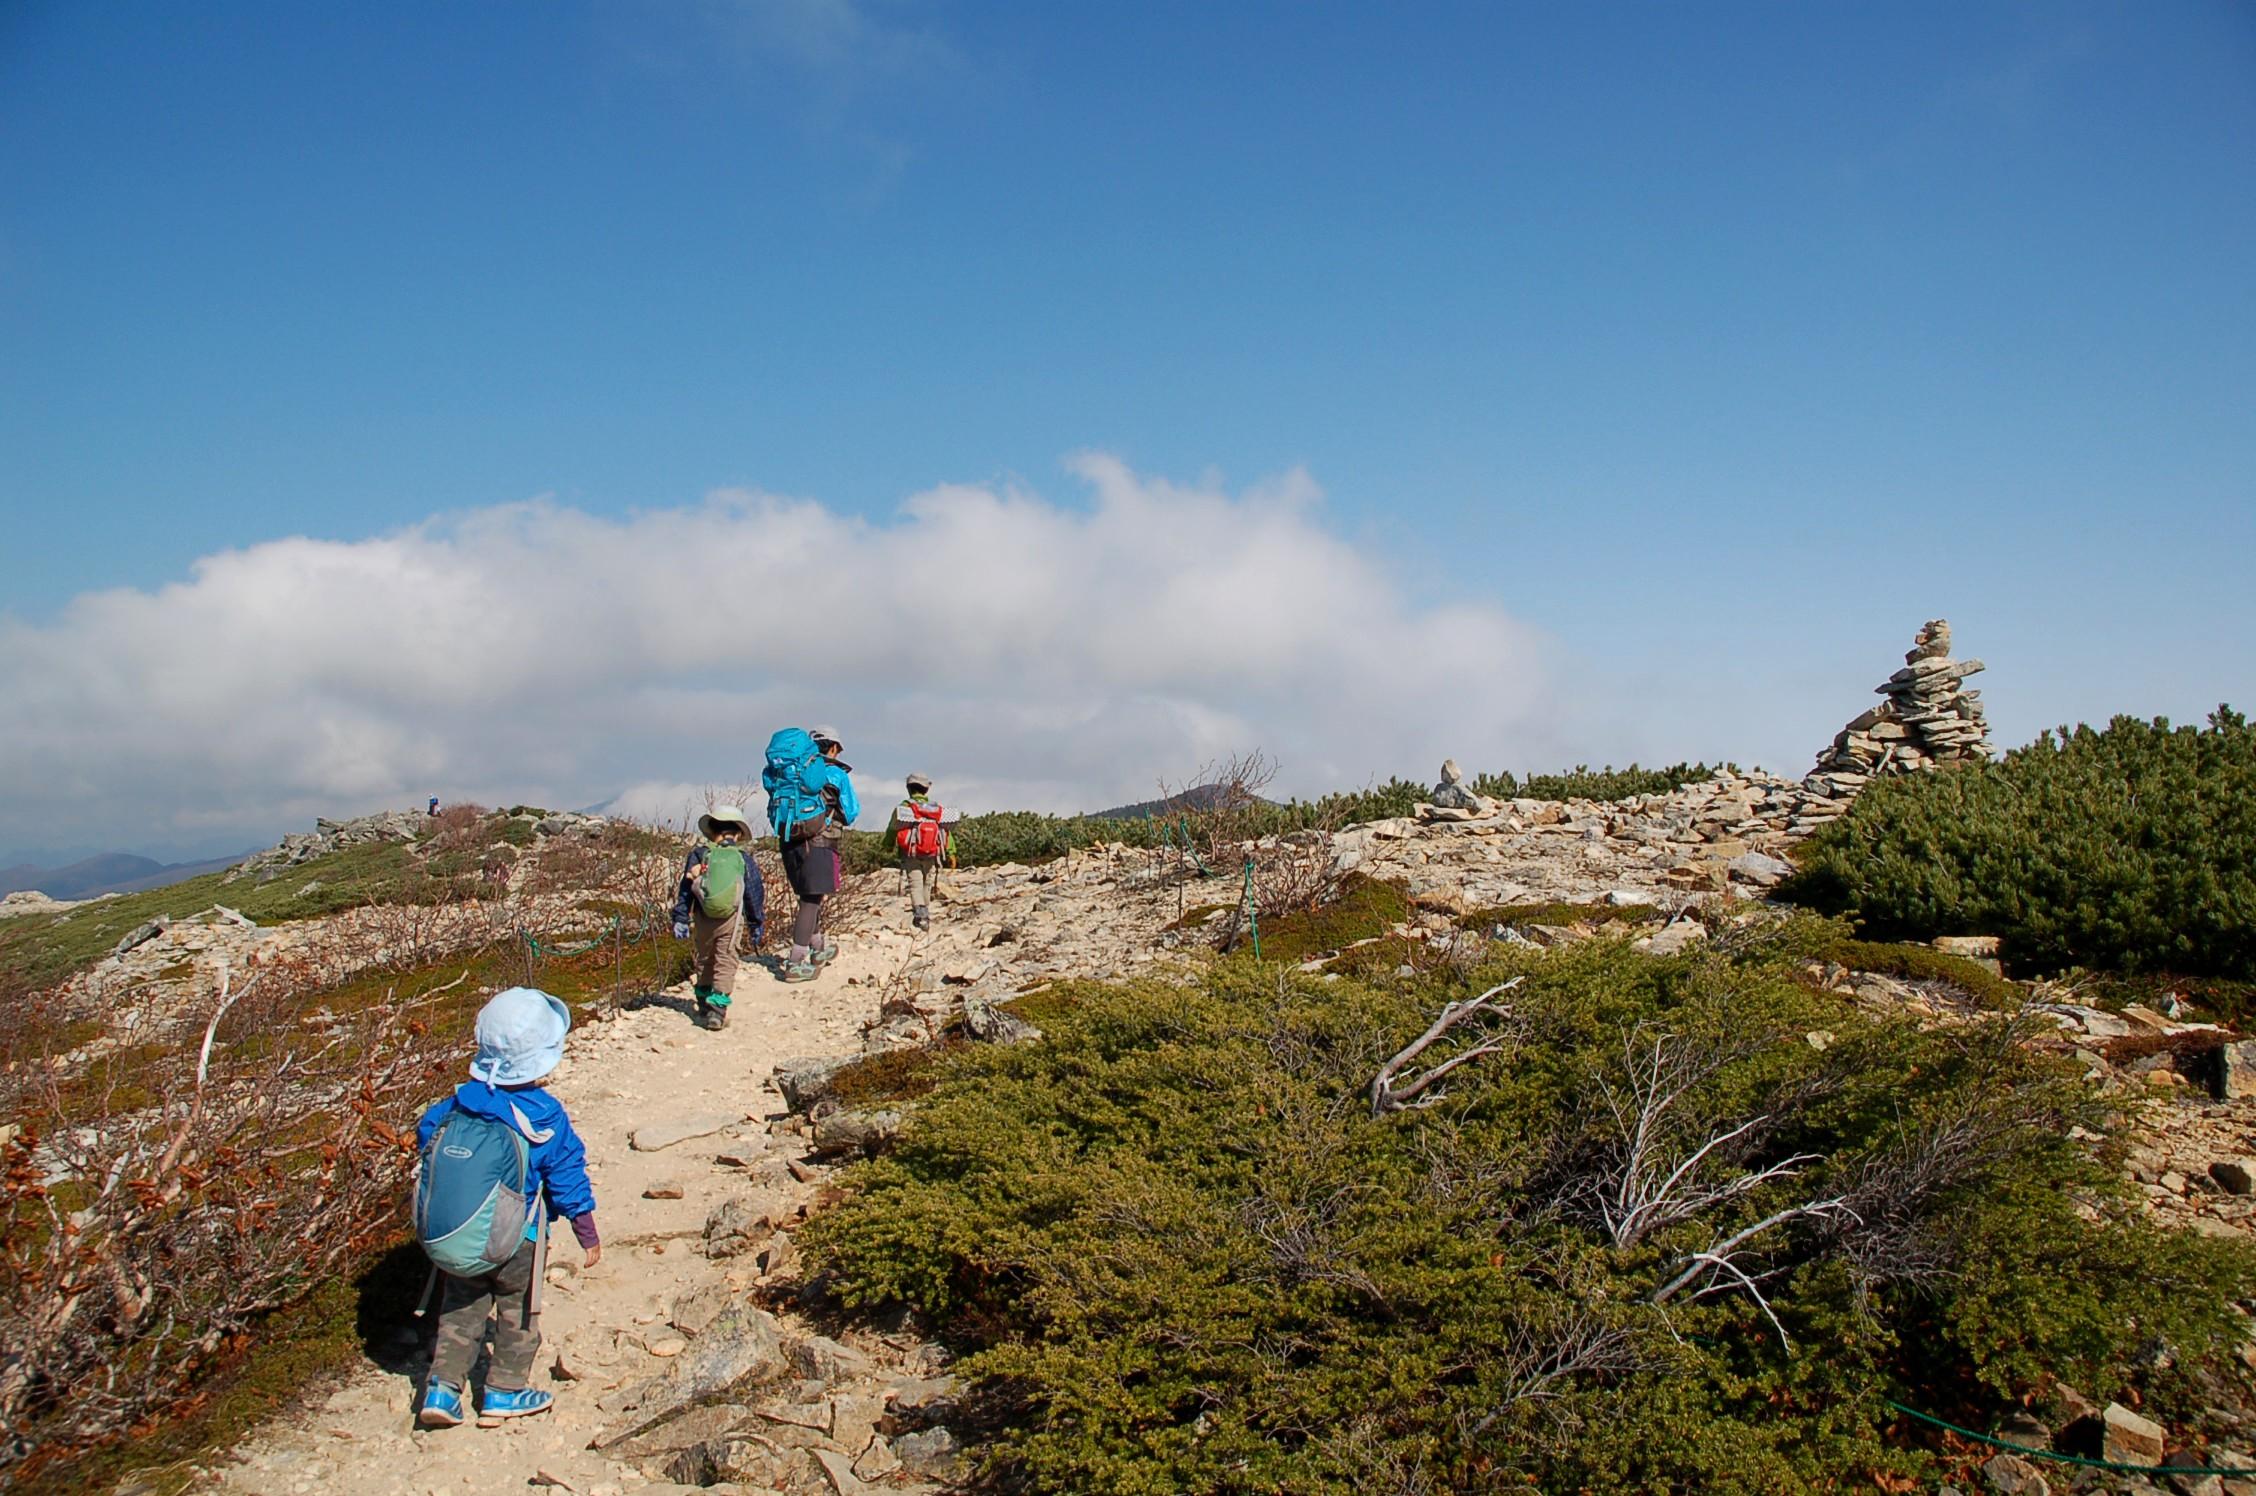 ファミリー登山のルールやマナー